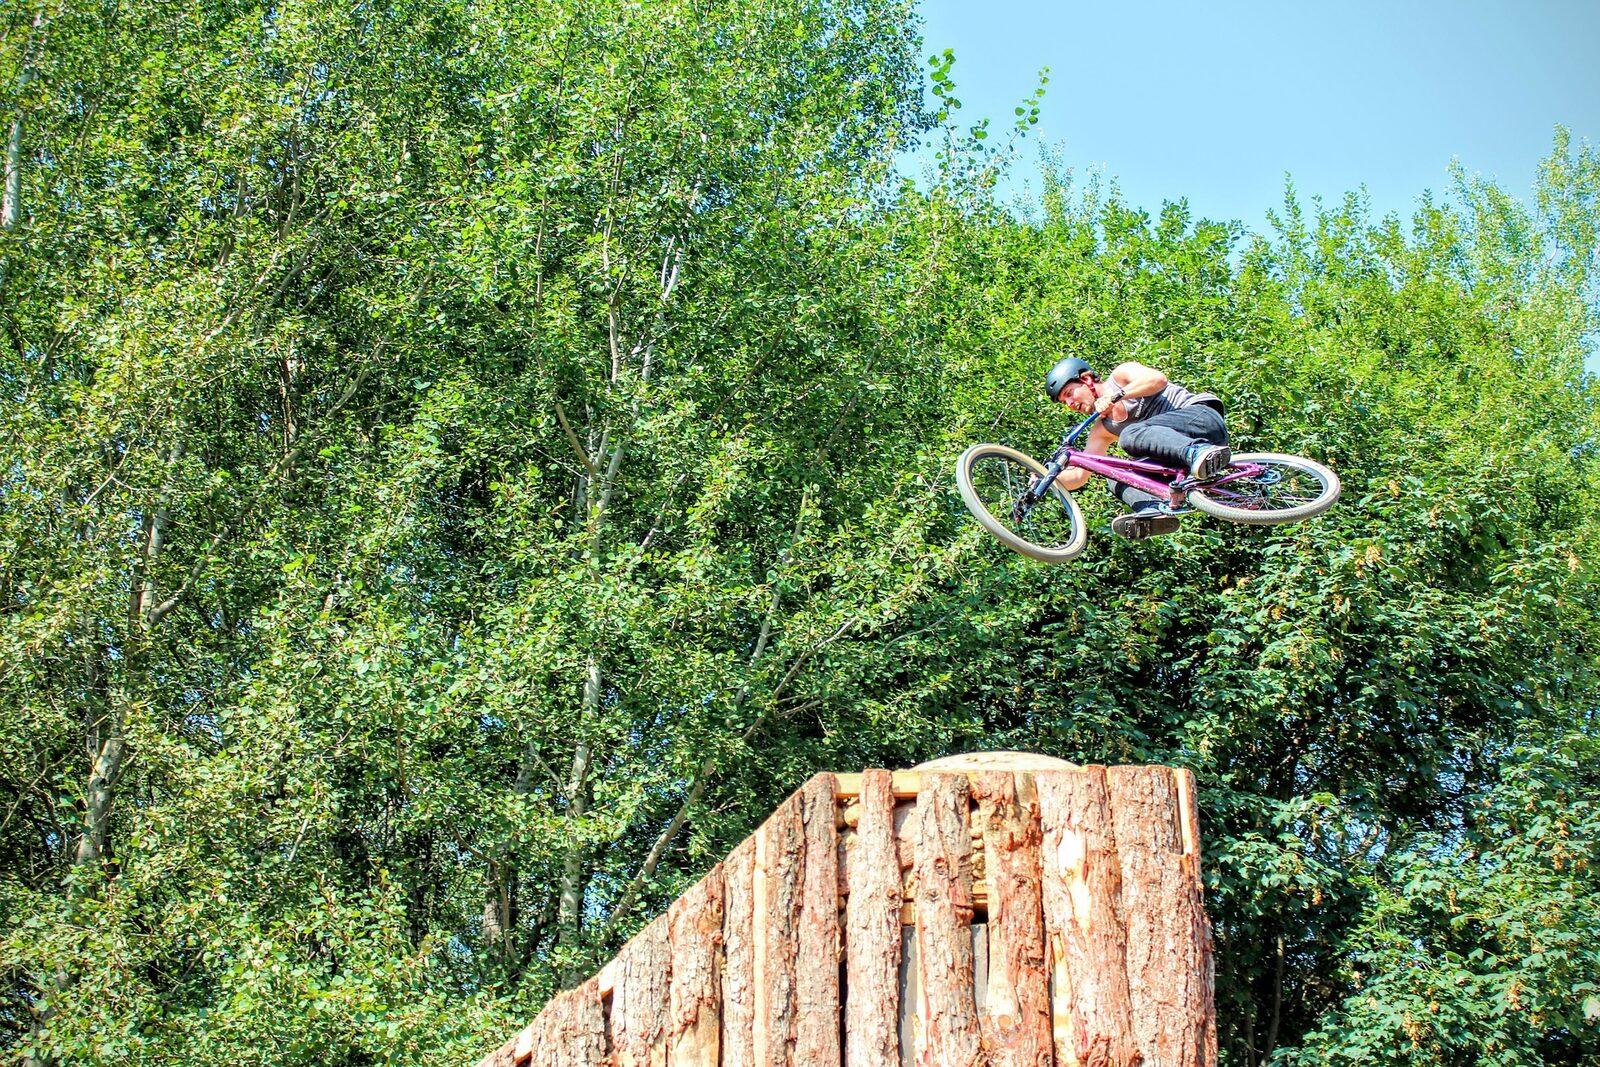 BikePark Salland